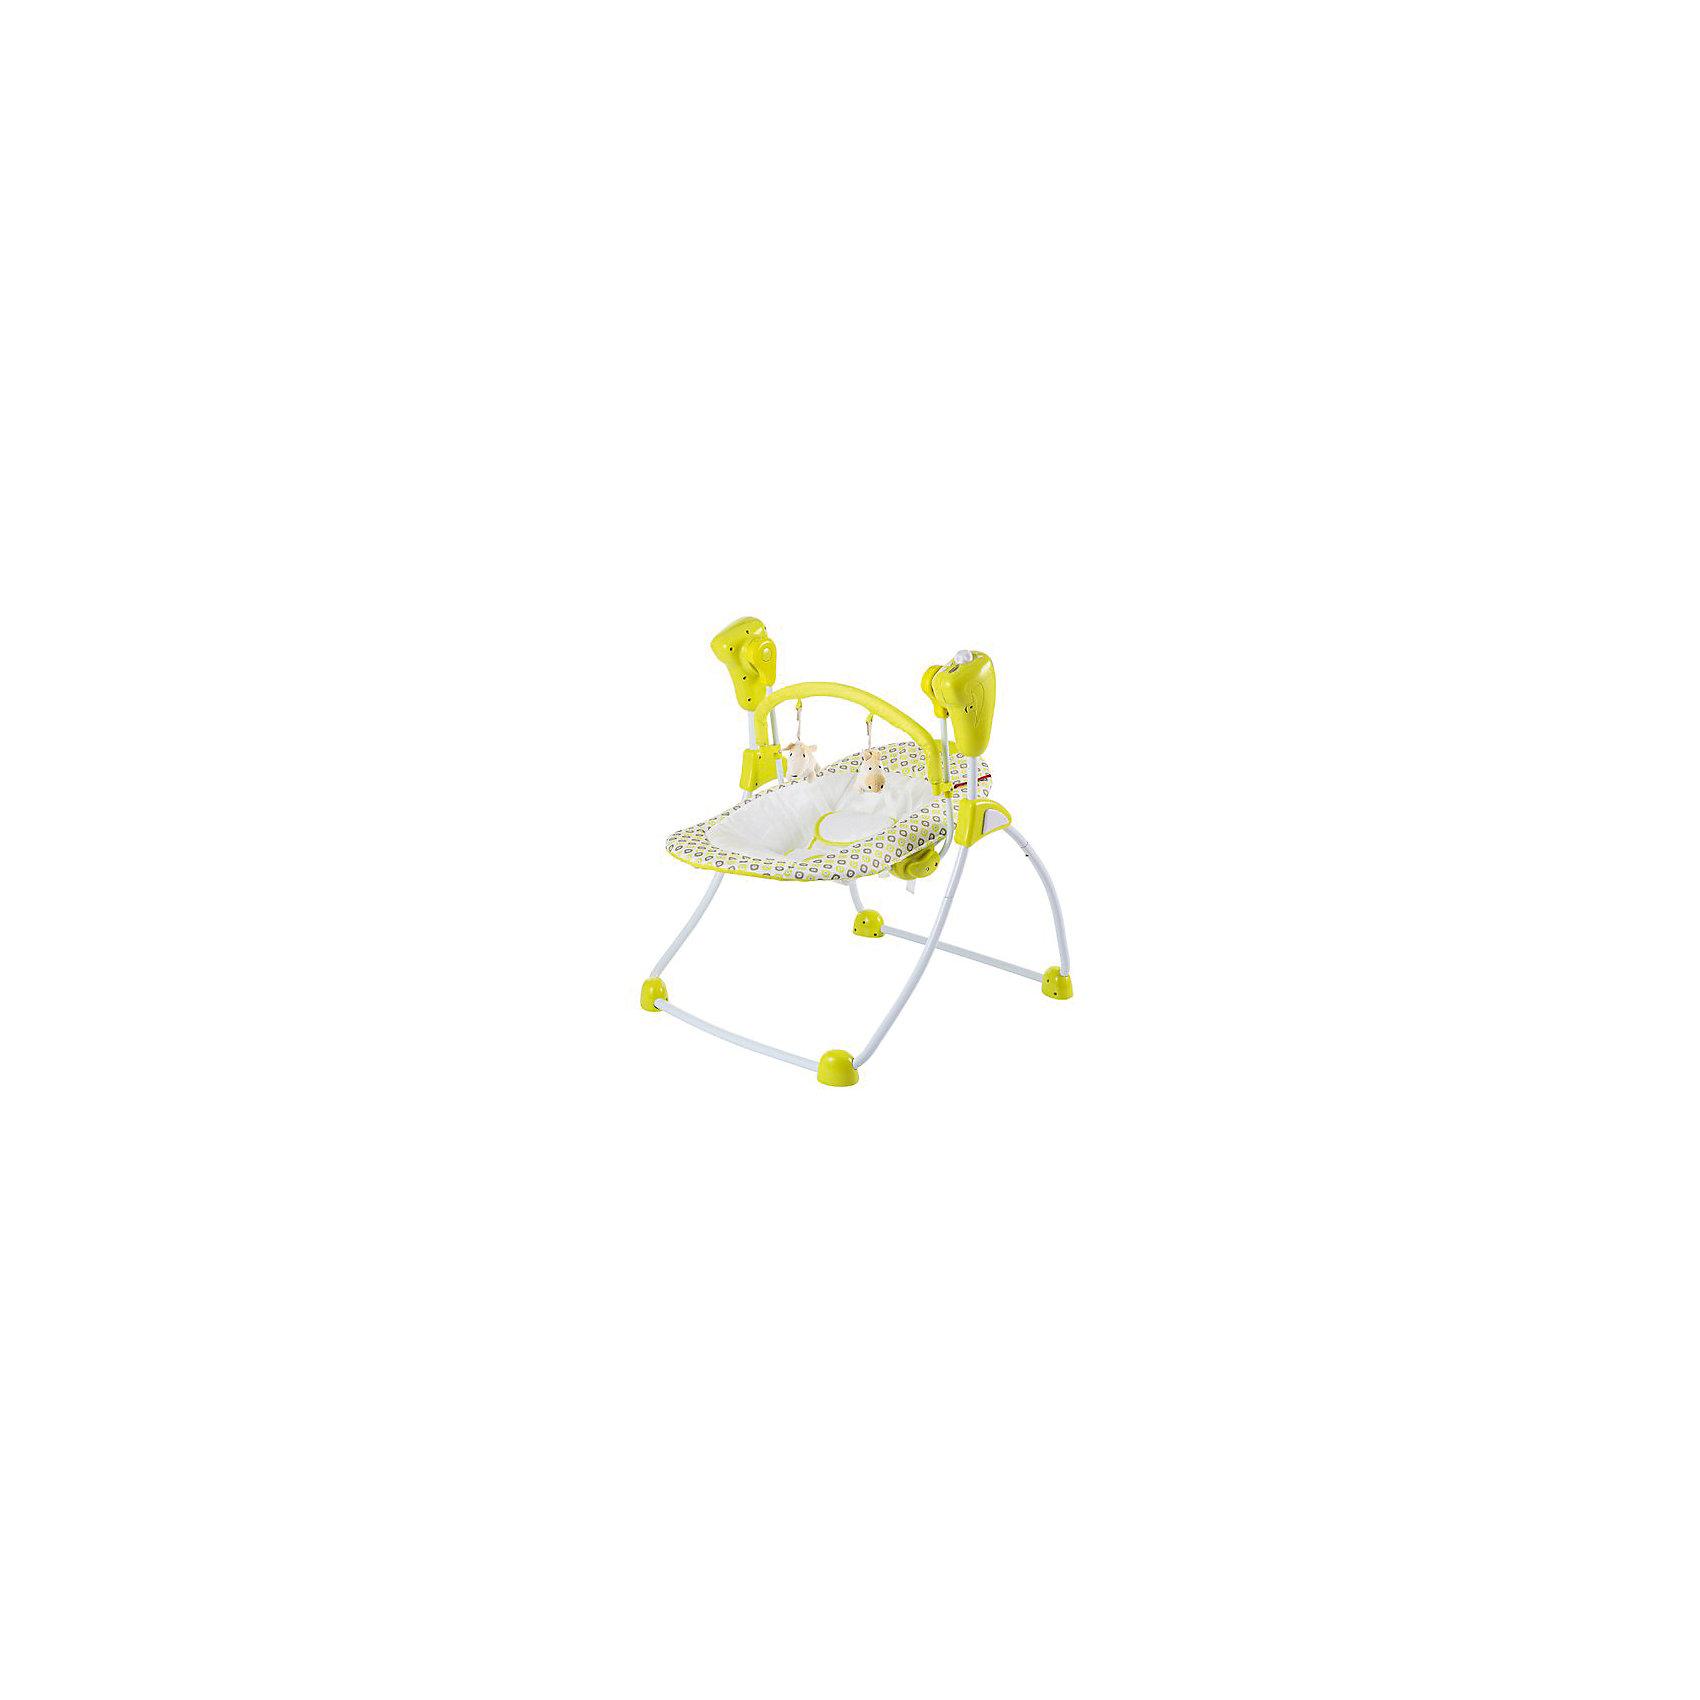 Кресло-качели GB-001 Amalfy, Happy Baby, Lime